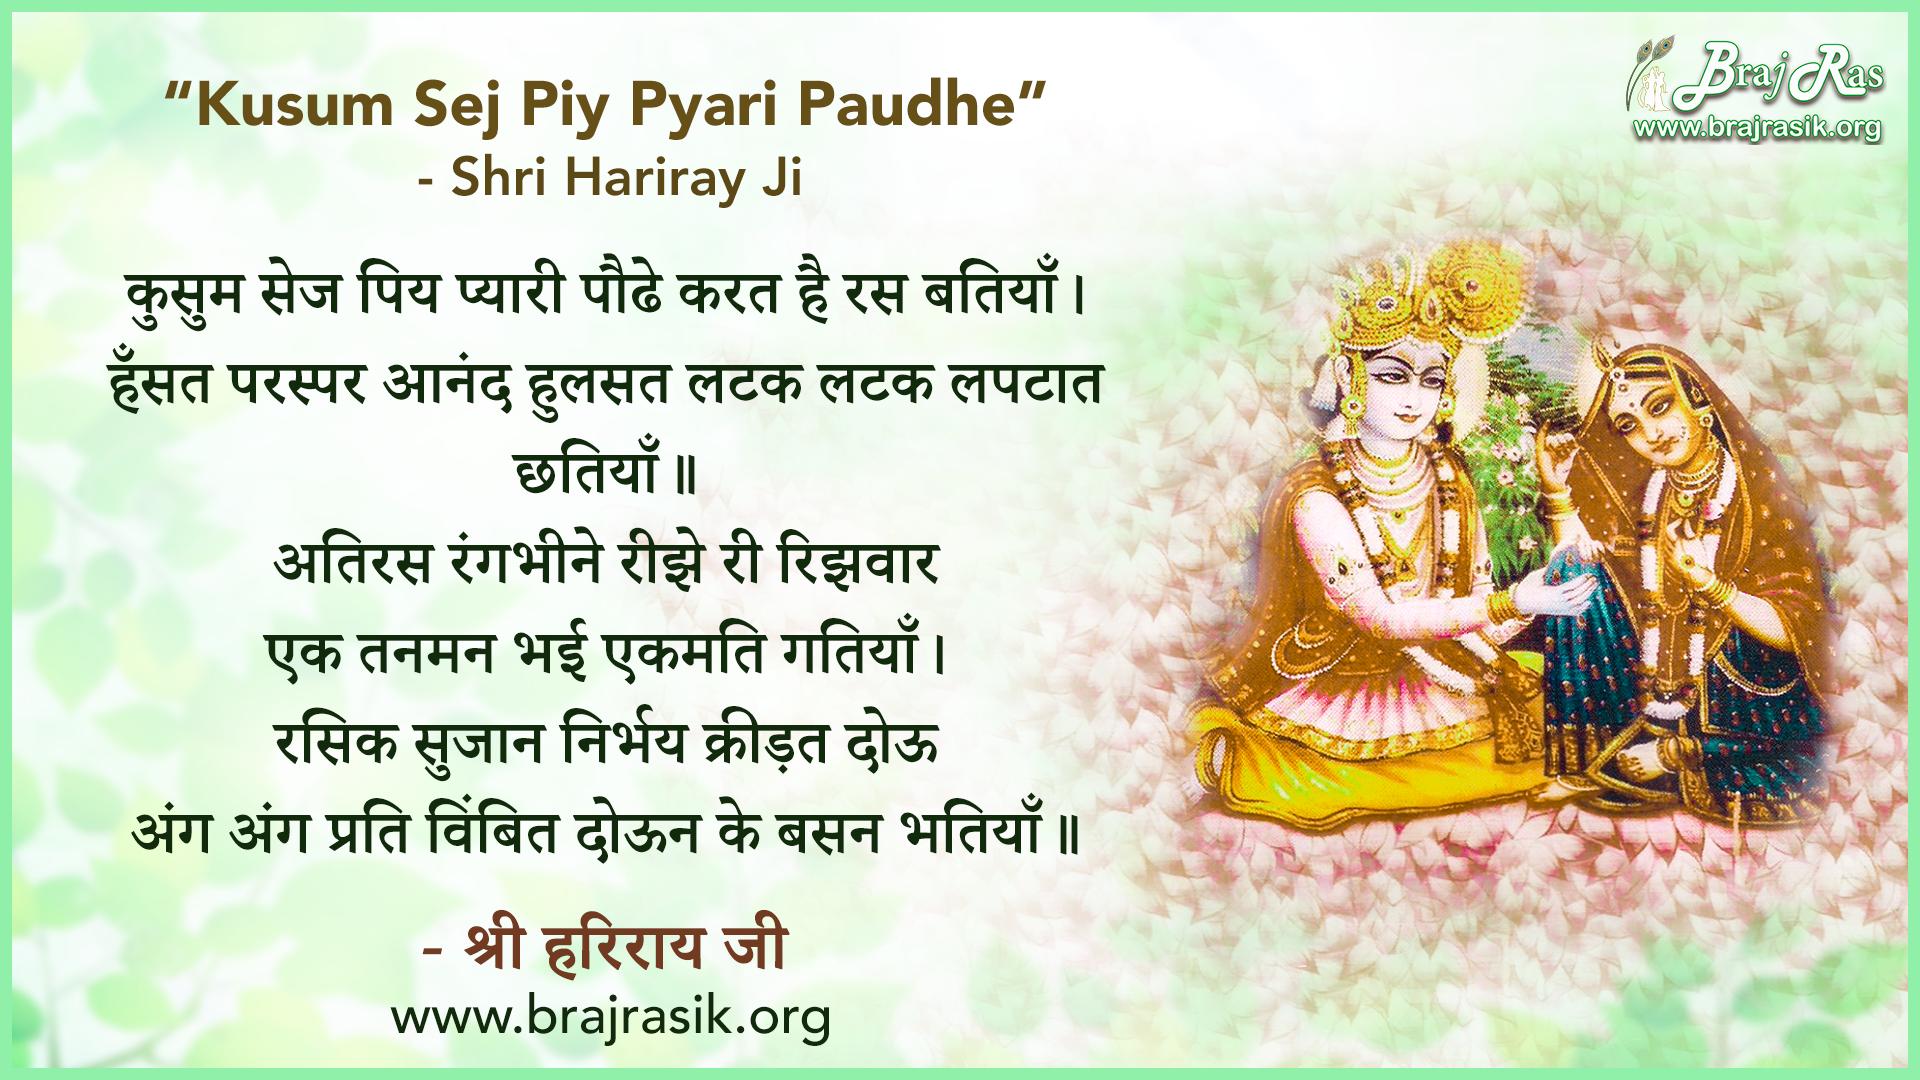 Kusum Sej Piy Pyari Paudhe Karat Hai Ras Batiyaan - Shri Hariray Ji